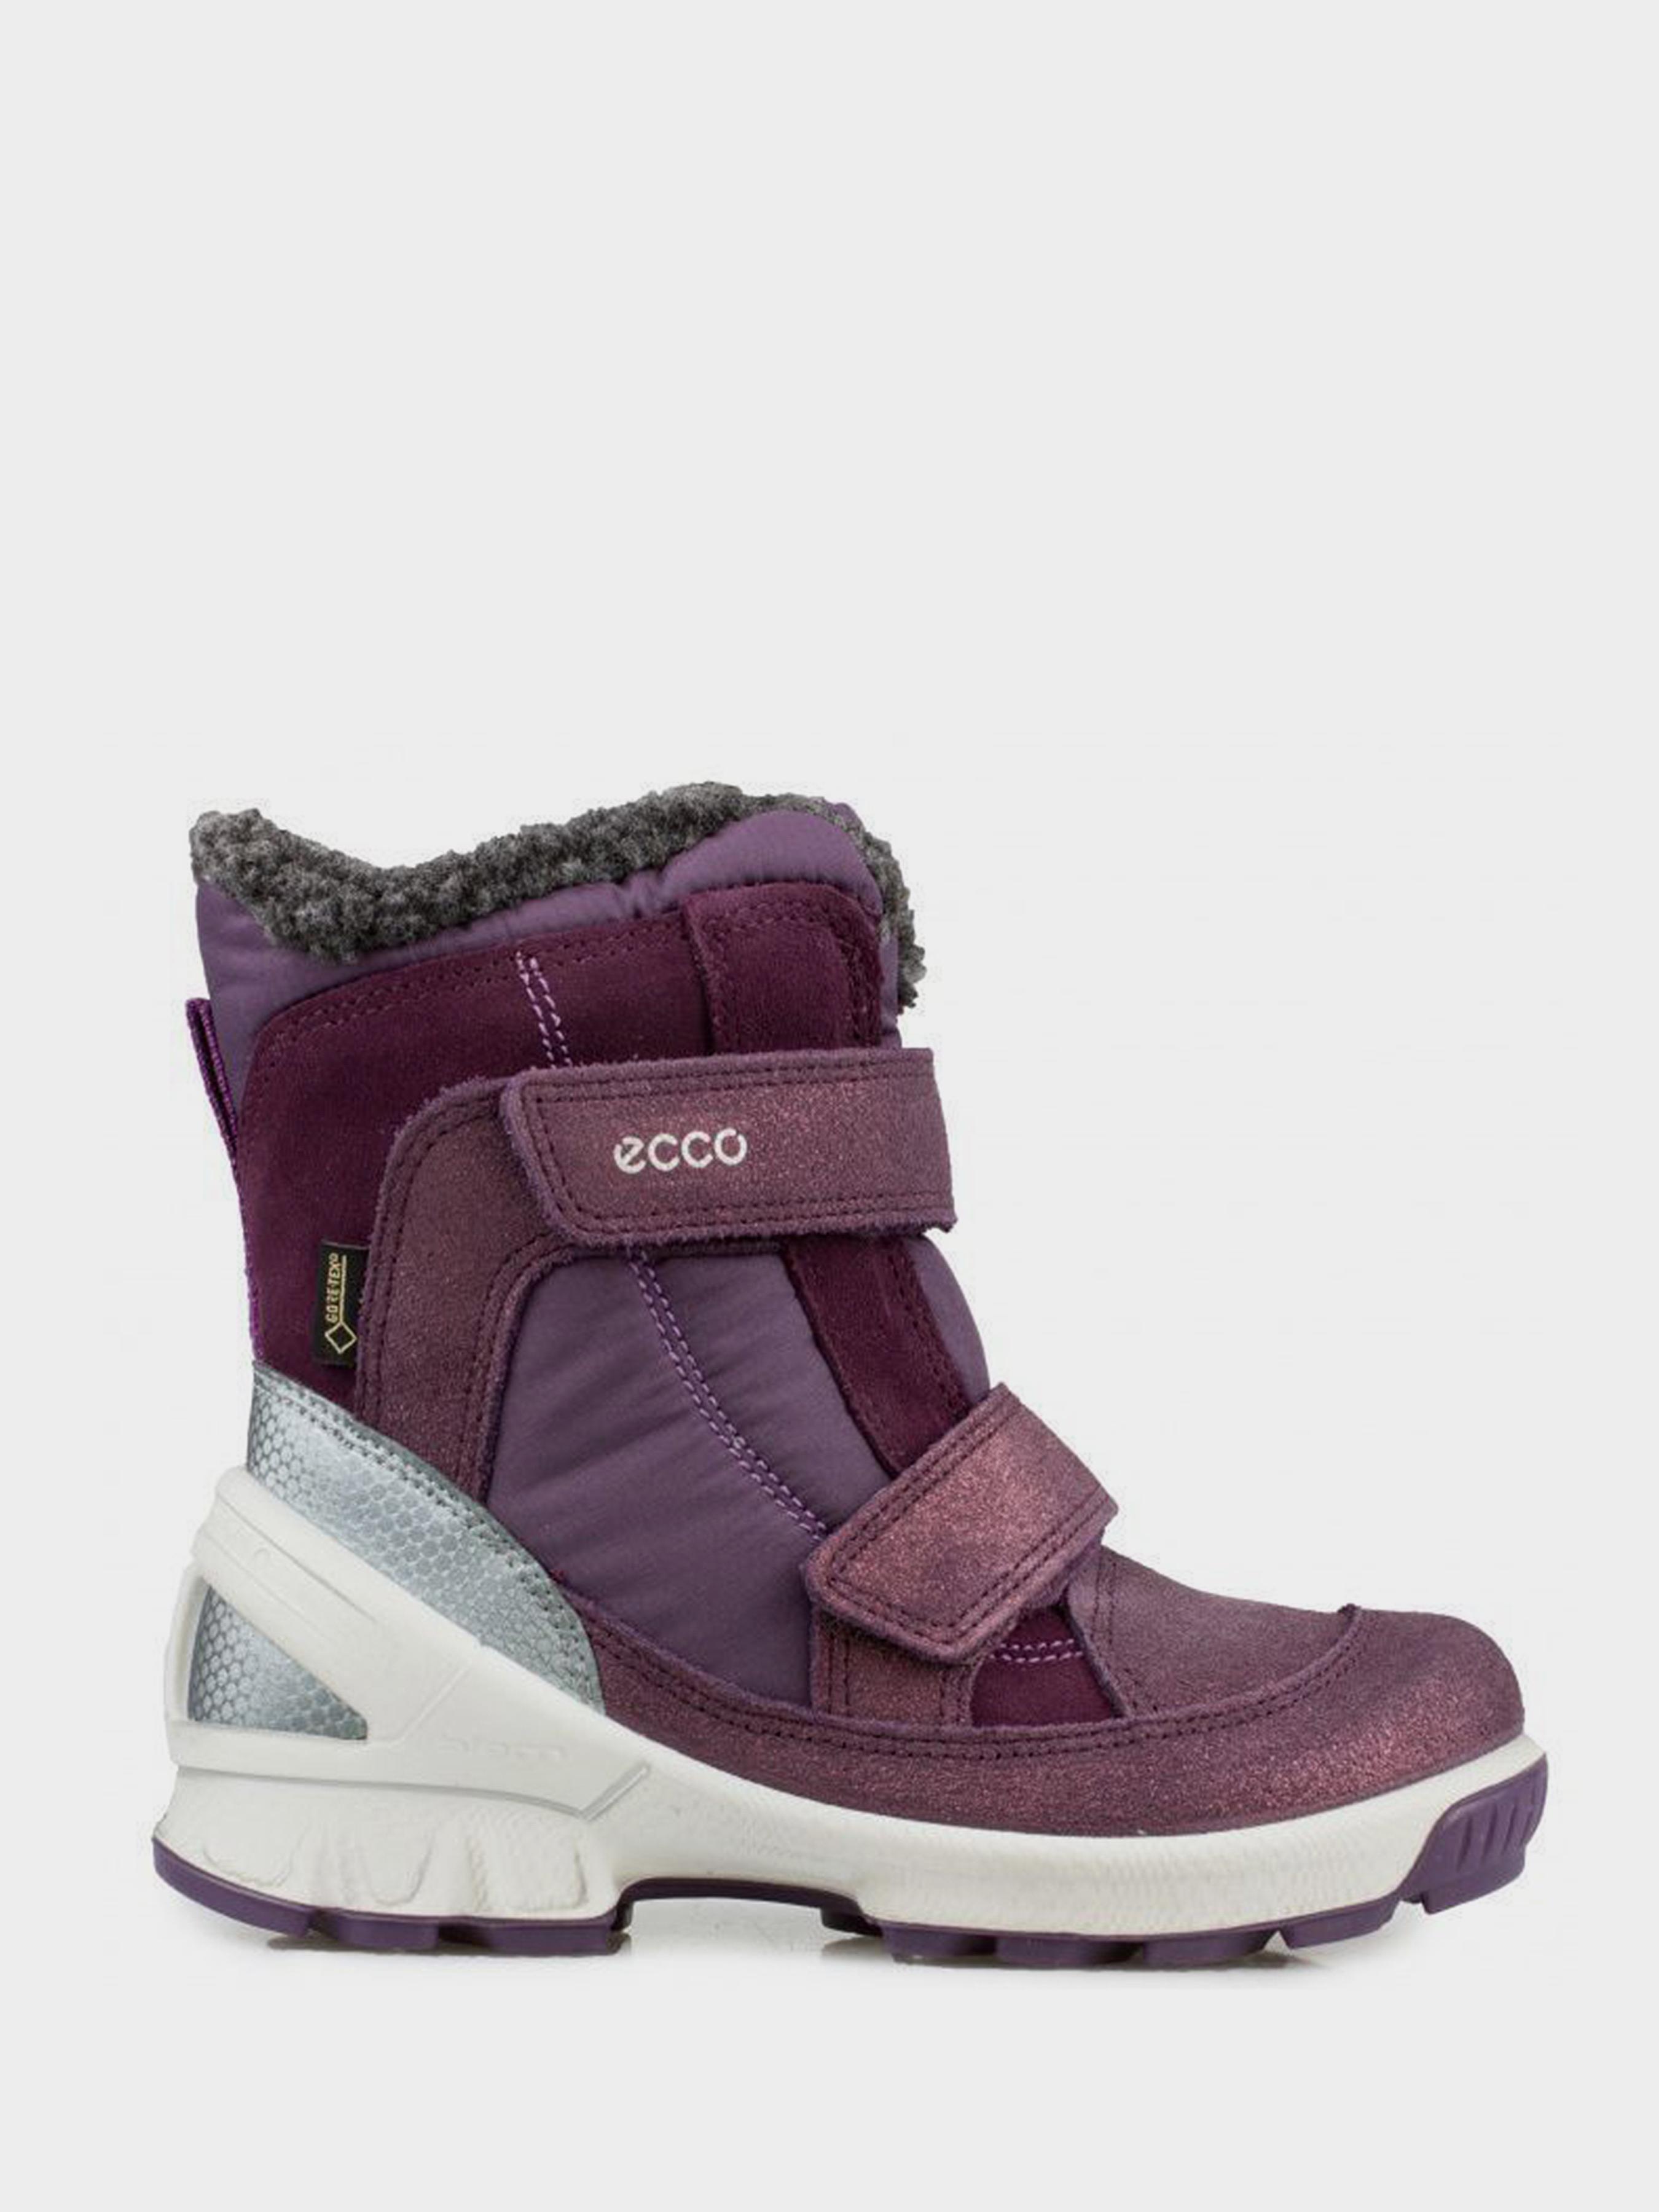 Дитяче взуття 25 розміру осінь-зима. Купити взуття осінь-зима для ... e9106e7dd0bfa